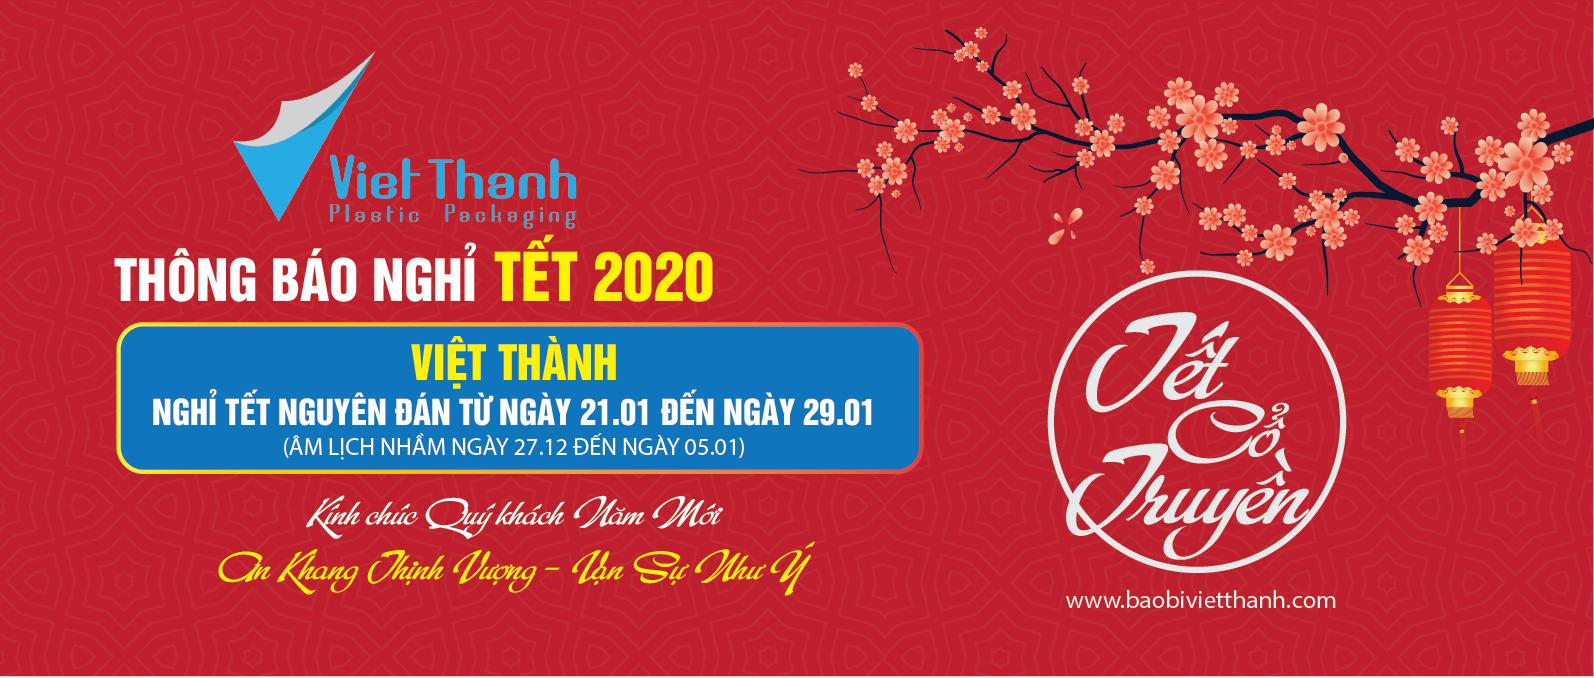 Banner Website Việt Thành năm mới 2020